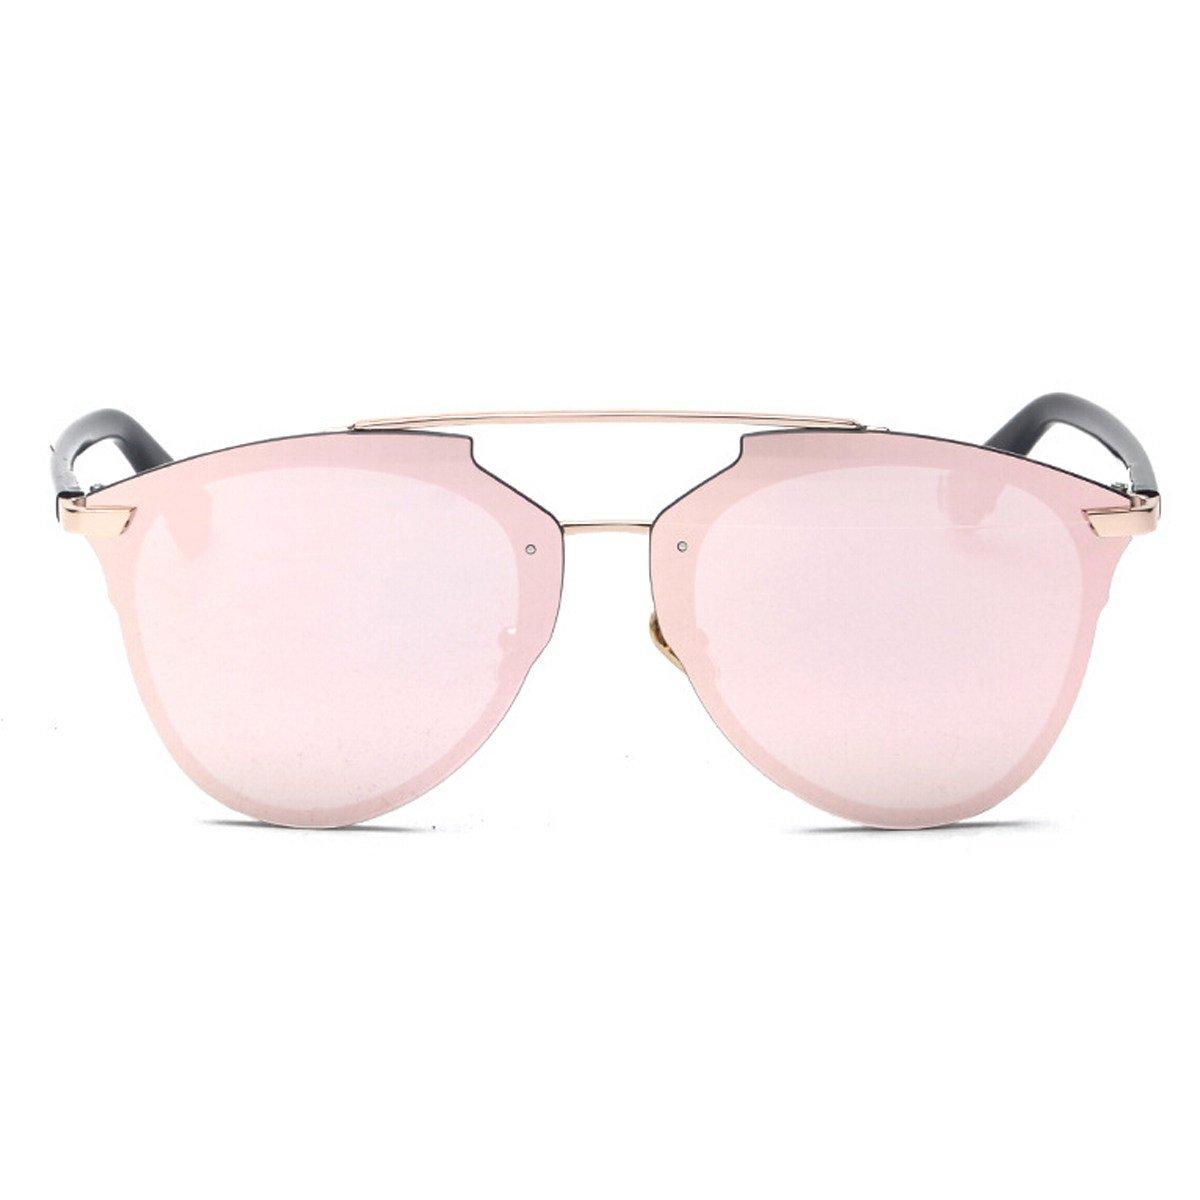 Reflektierende Prisma Sonnenbrille Mode Retro Brille Männer Und Frauen Universal,BlueBoxBlueFilmC58